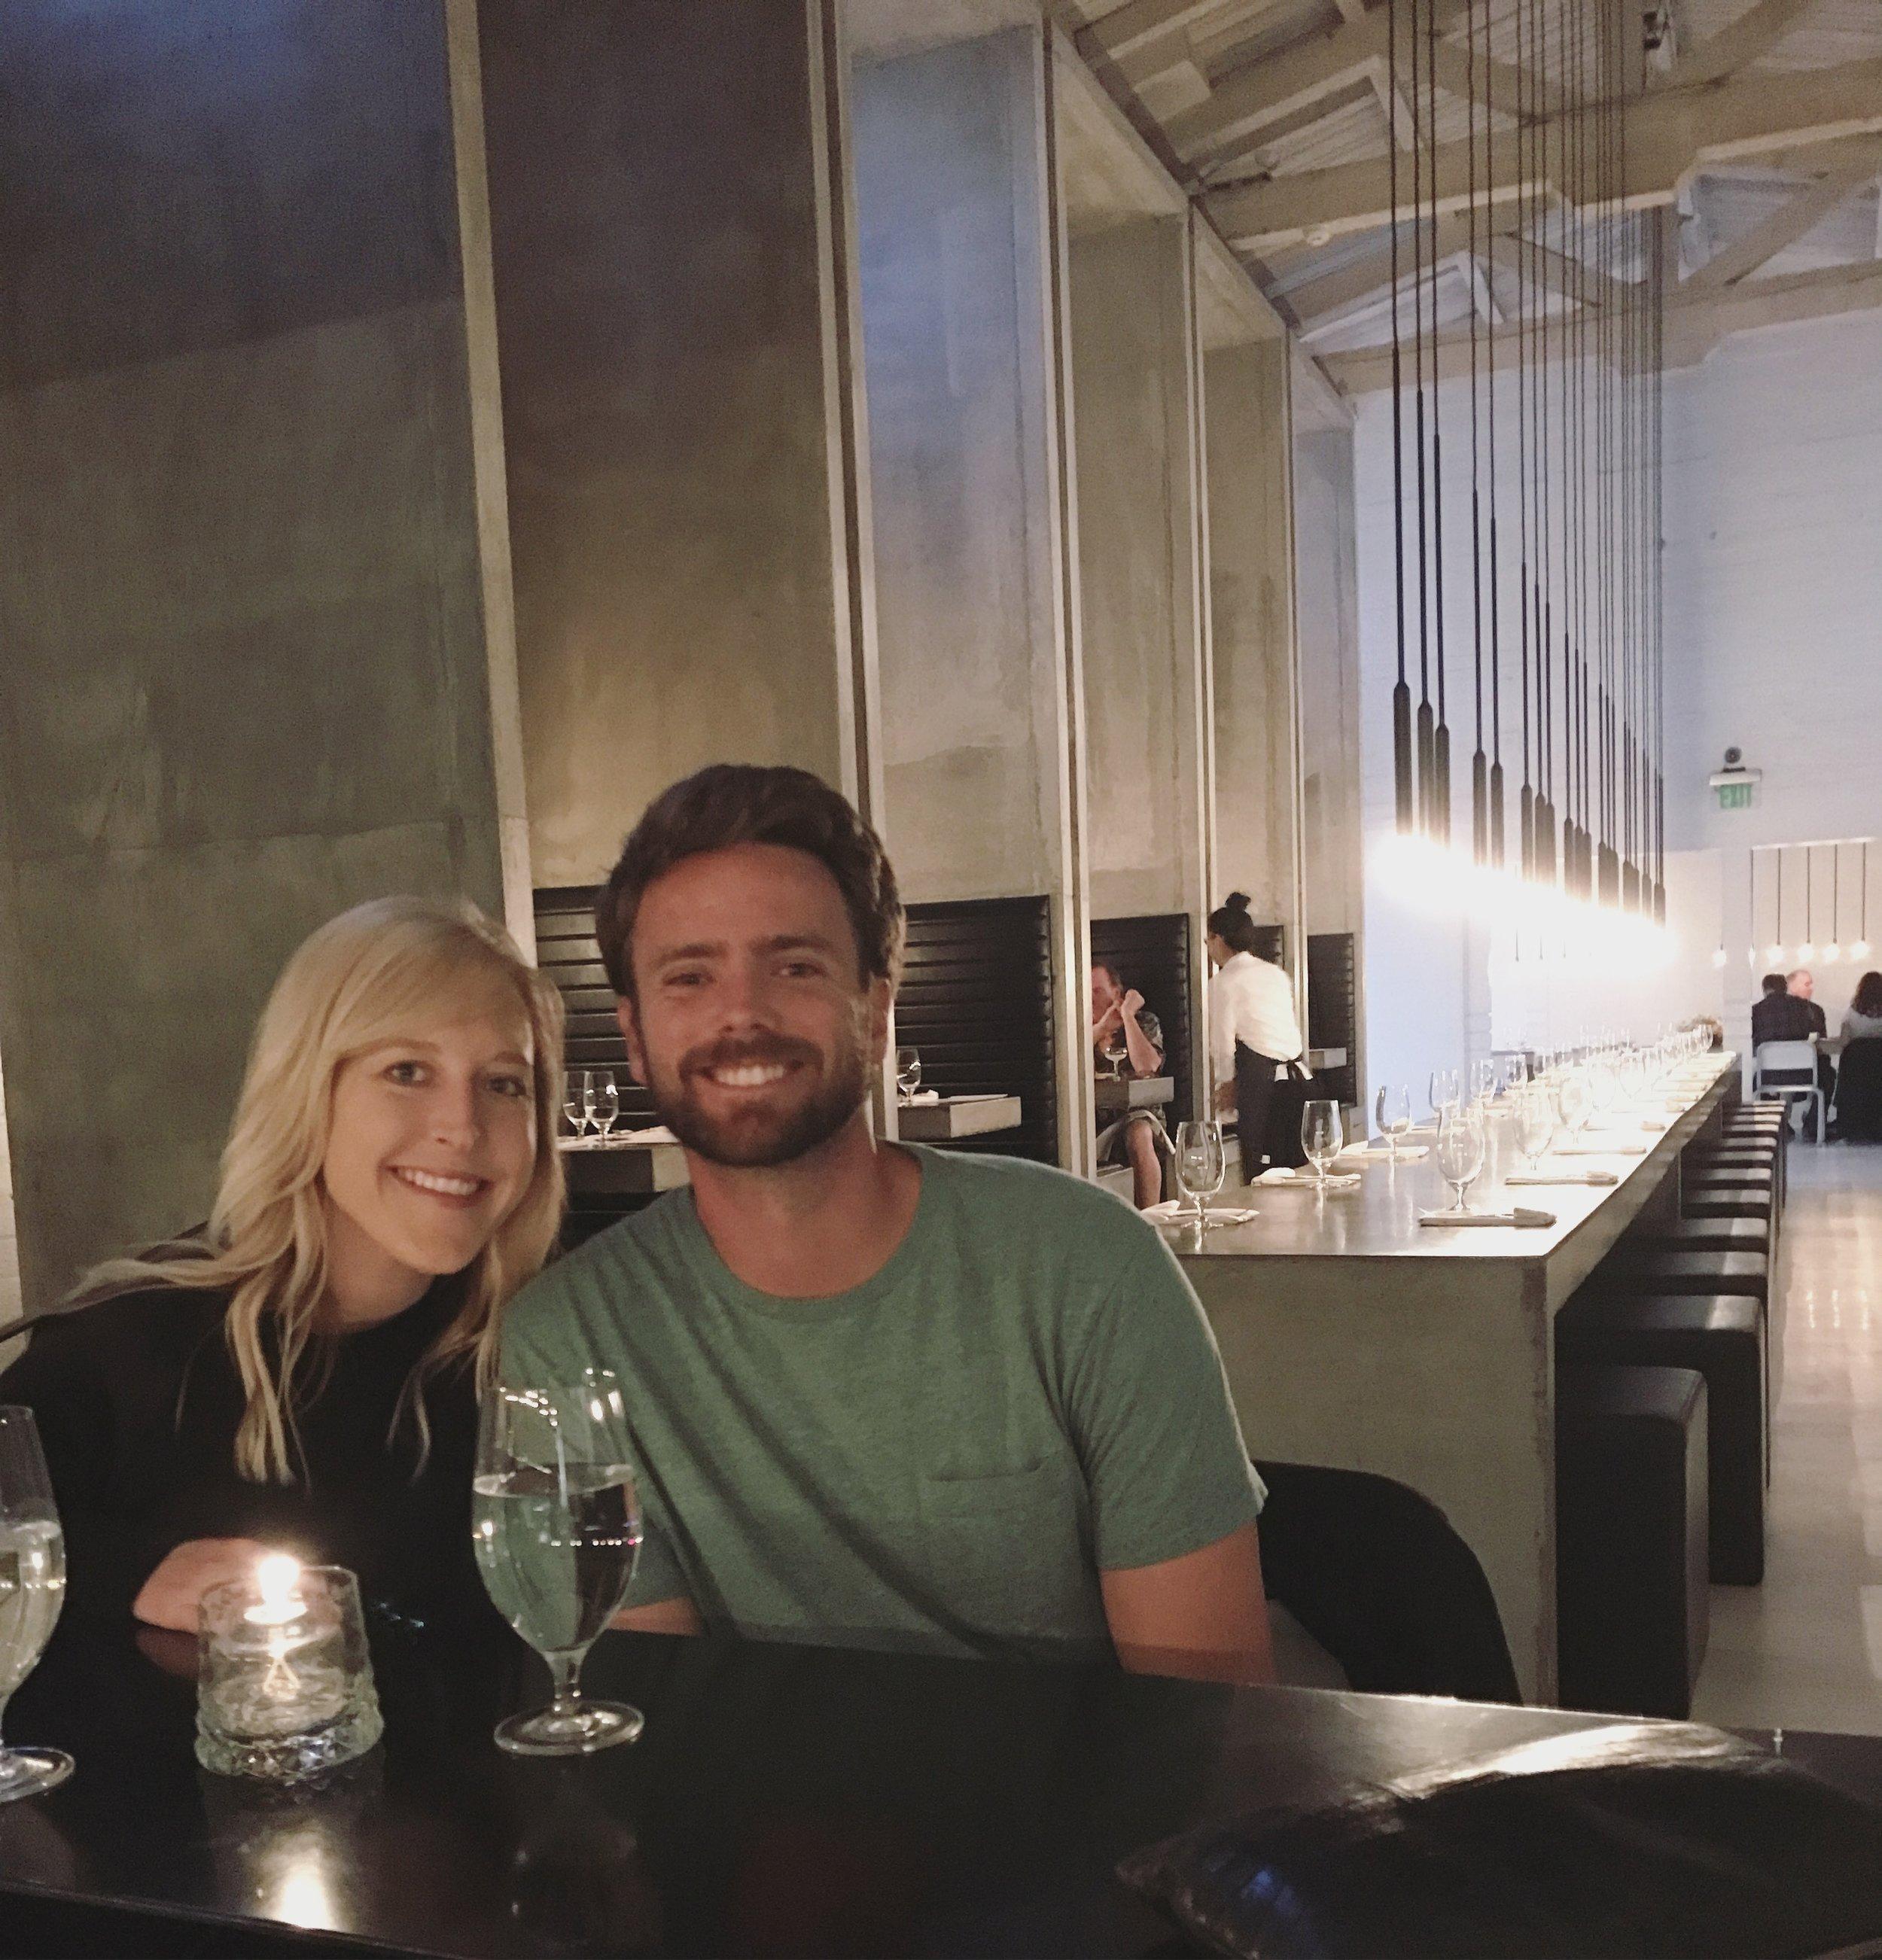 Date Night at Workshop Kitchen